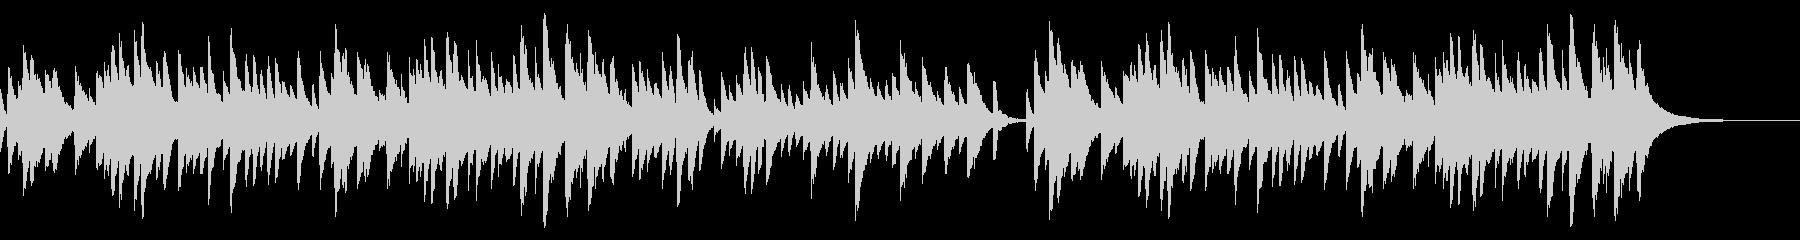 讃美歌風のキラキラしたオルゴール曲の未再生の波形